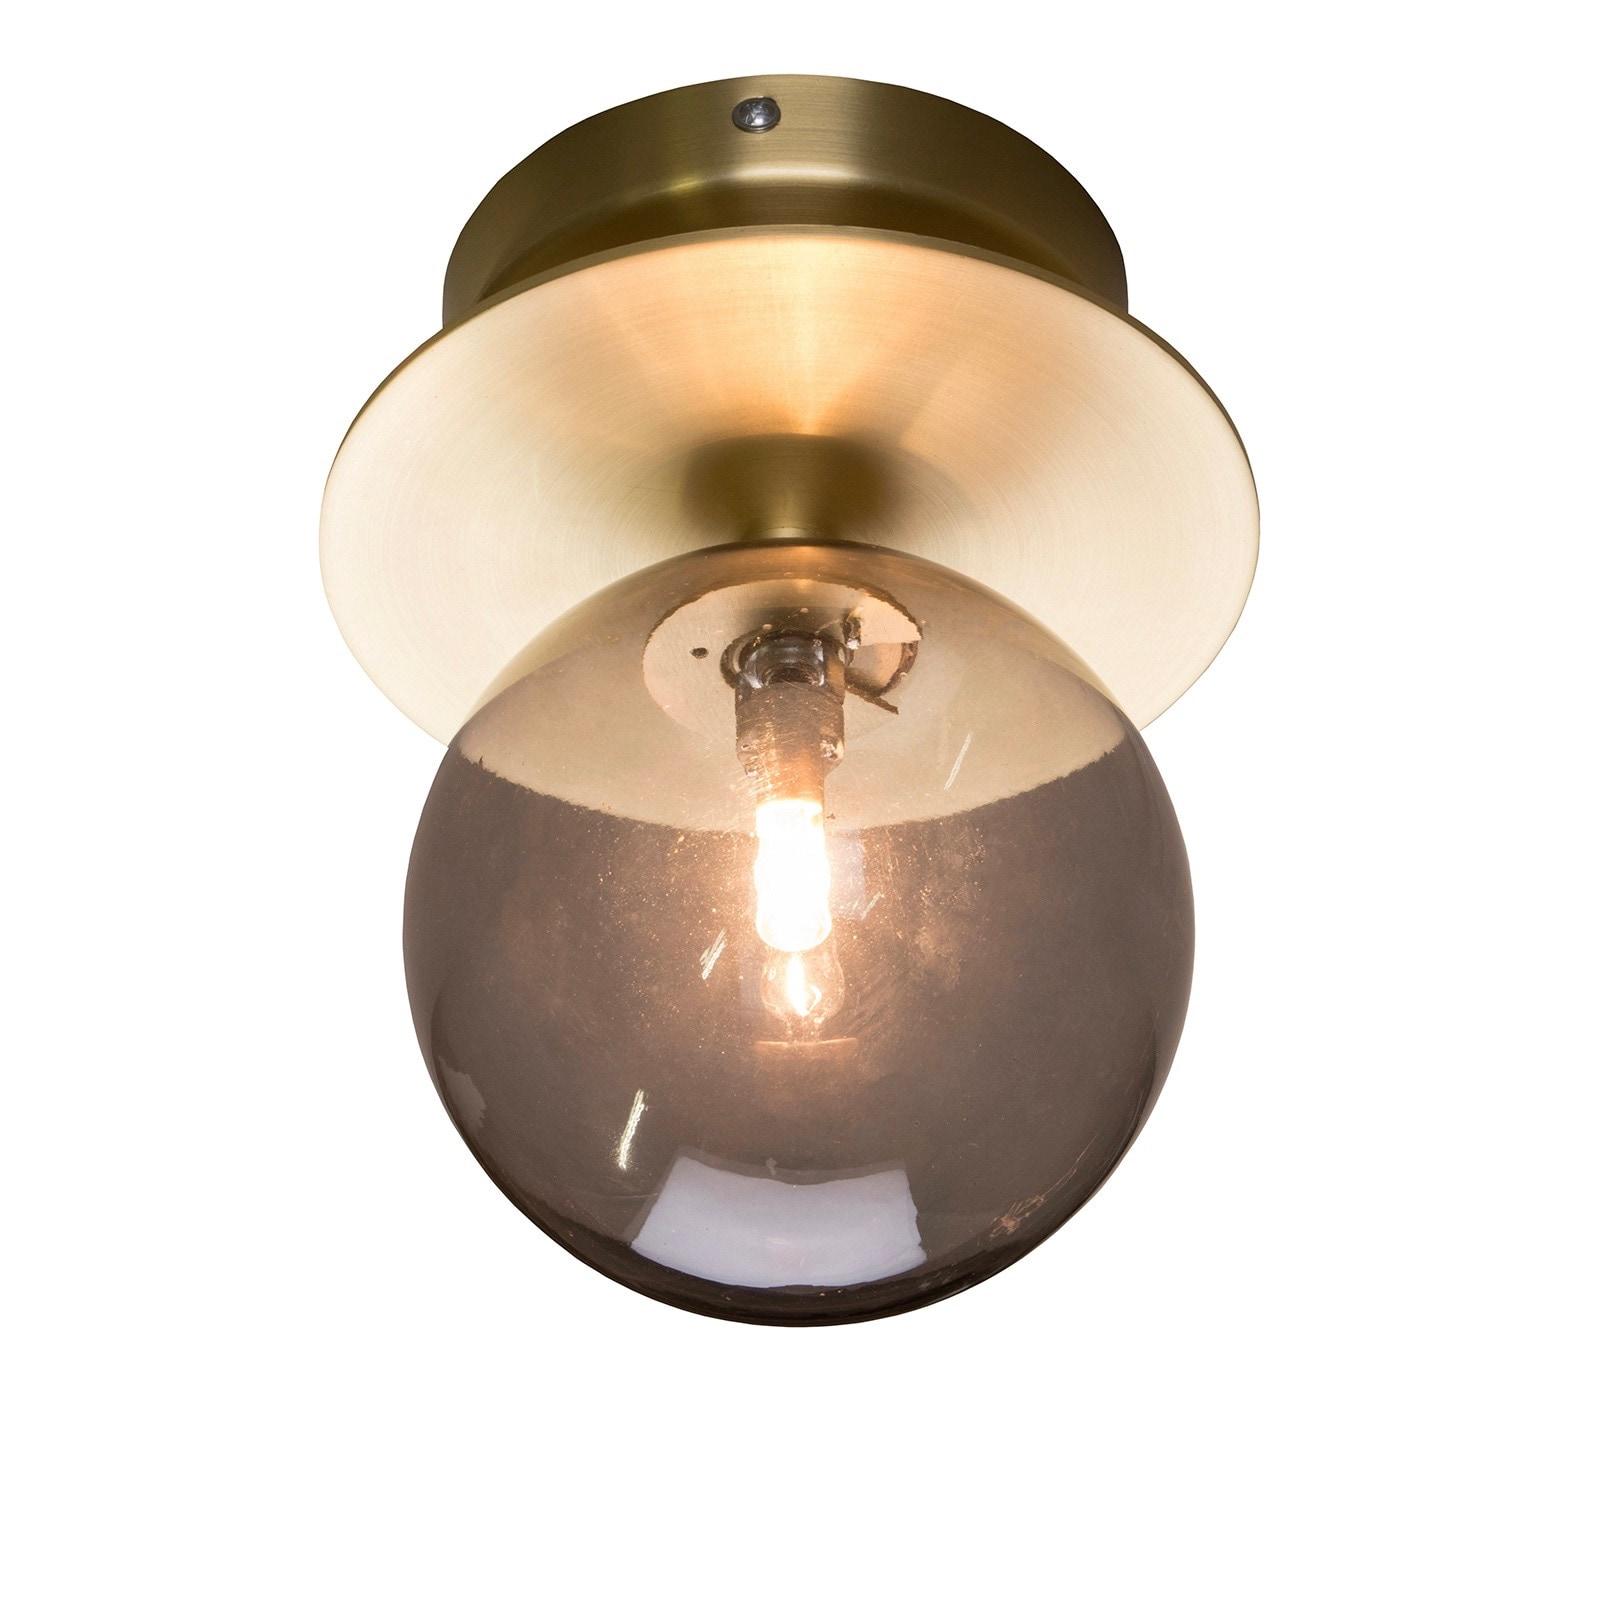 Art Deco plafond/vägglampa mässing, rök färgat glas